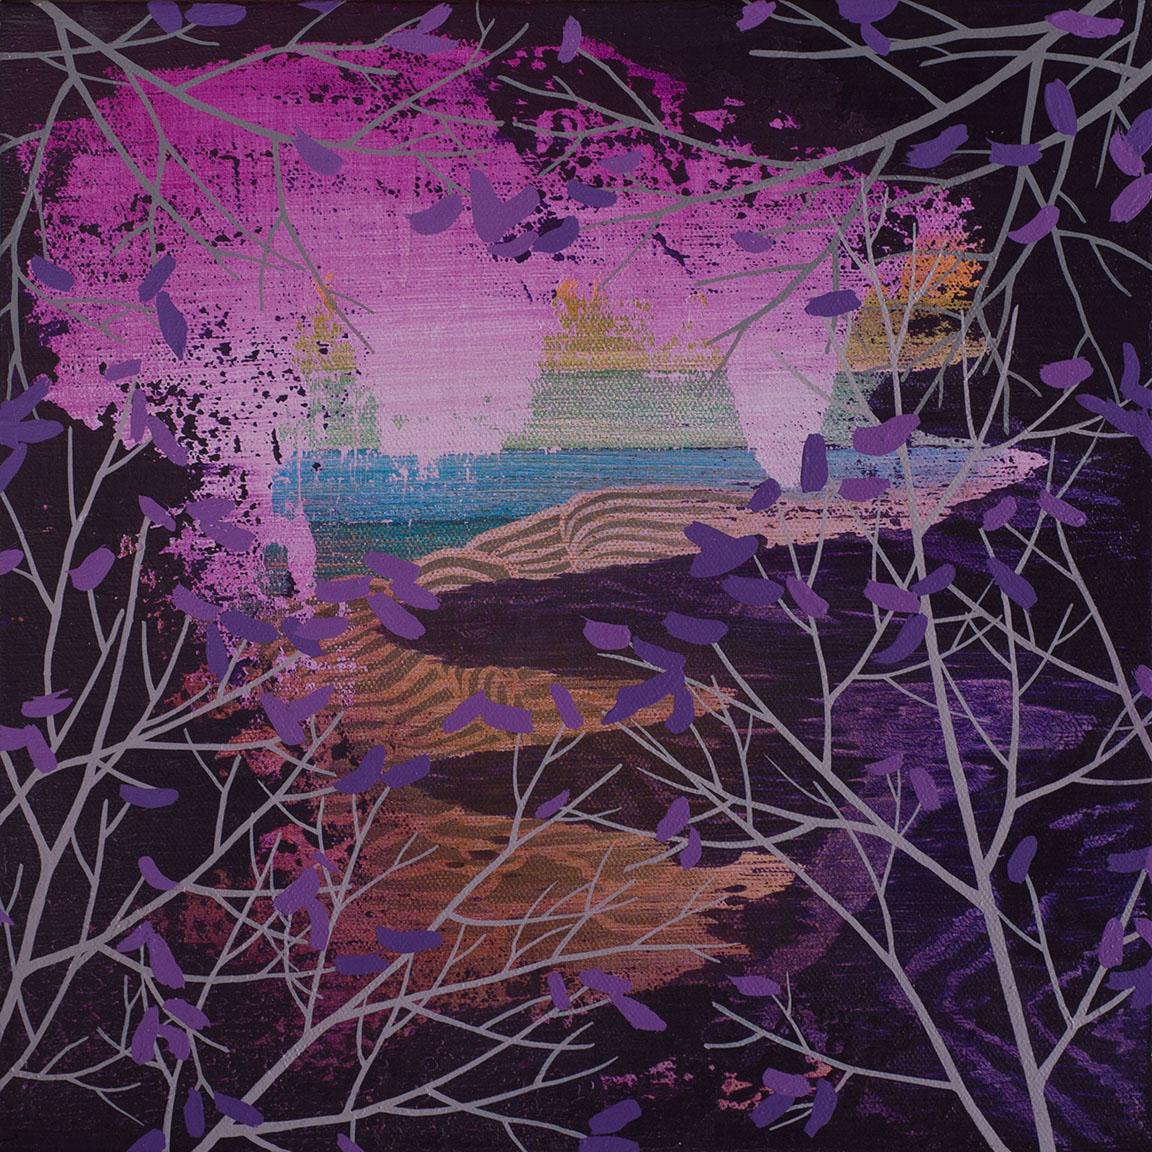 """Crevice   Acrylic on canvas 12 x 12 x 1.5"""""""